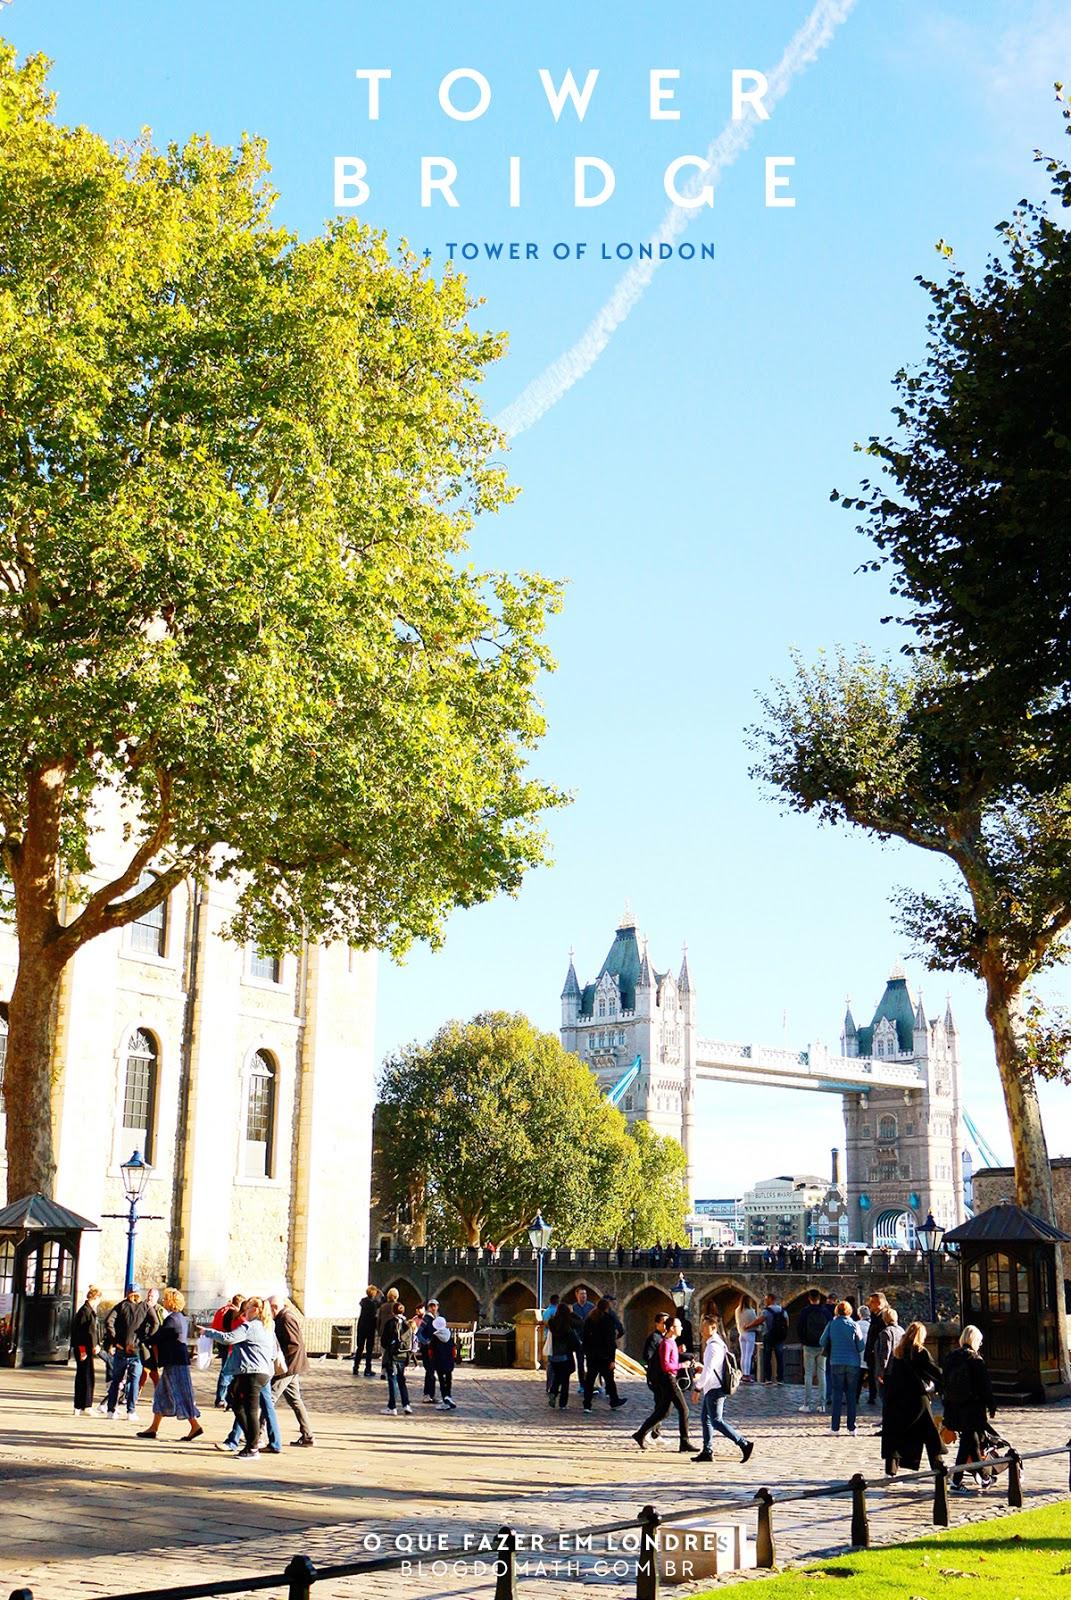 roteiro pontos turisticos londres tower of london london tower london bridge blog do math